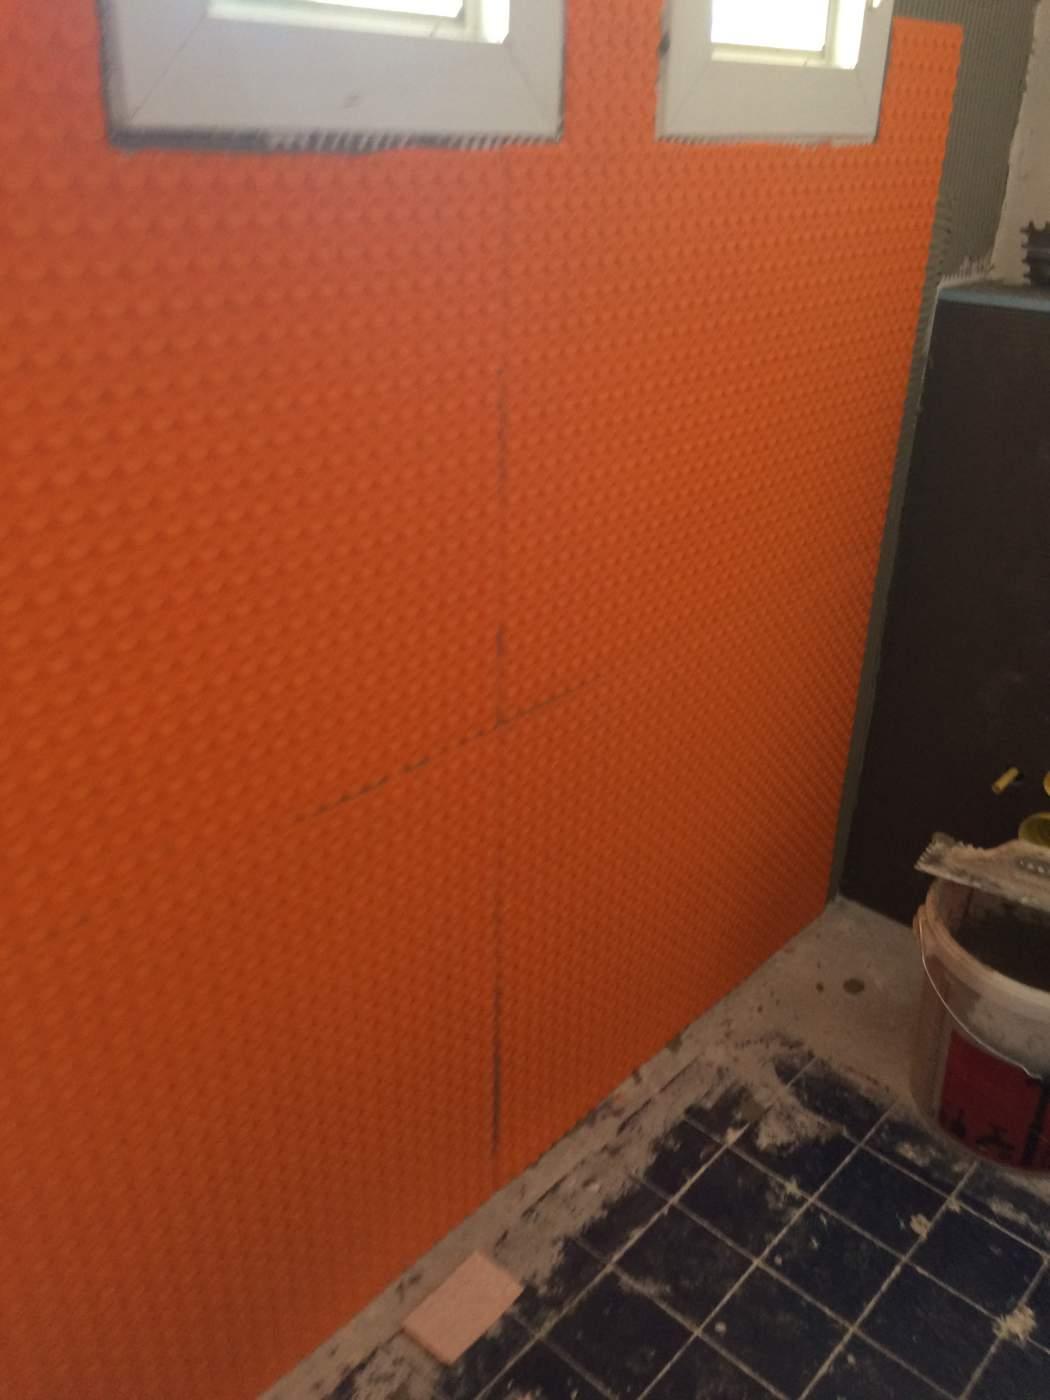 vente de chauffage mural l ctrique pour salle de bains aix en provence 13100 carrelage. Black Bedroom Furniture Sets. Home Design Ideas